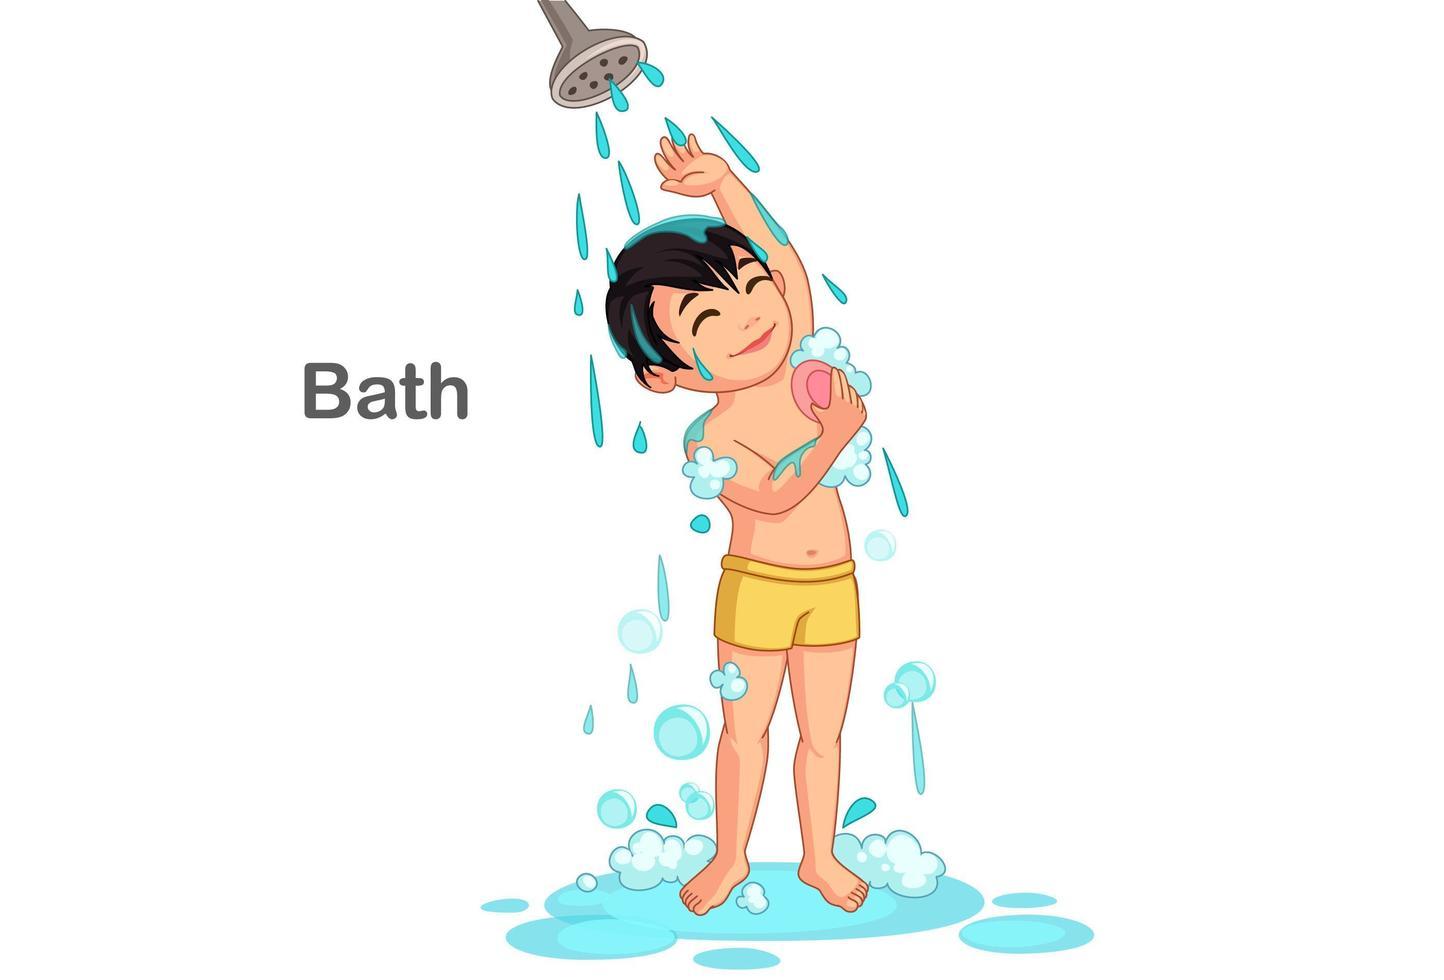 süßer Junge, der ein Bad nimmt vektor